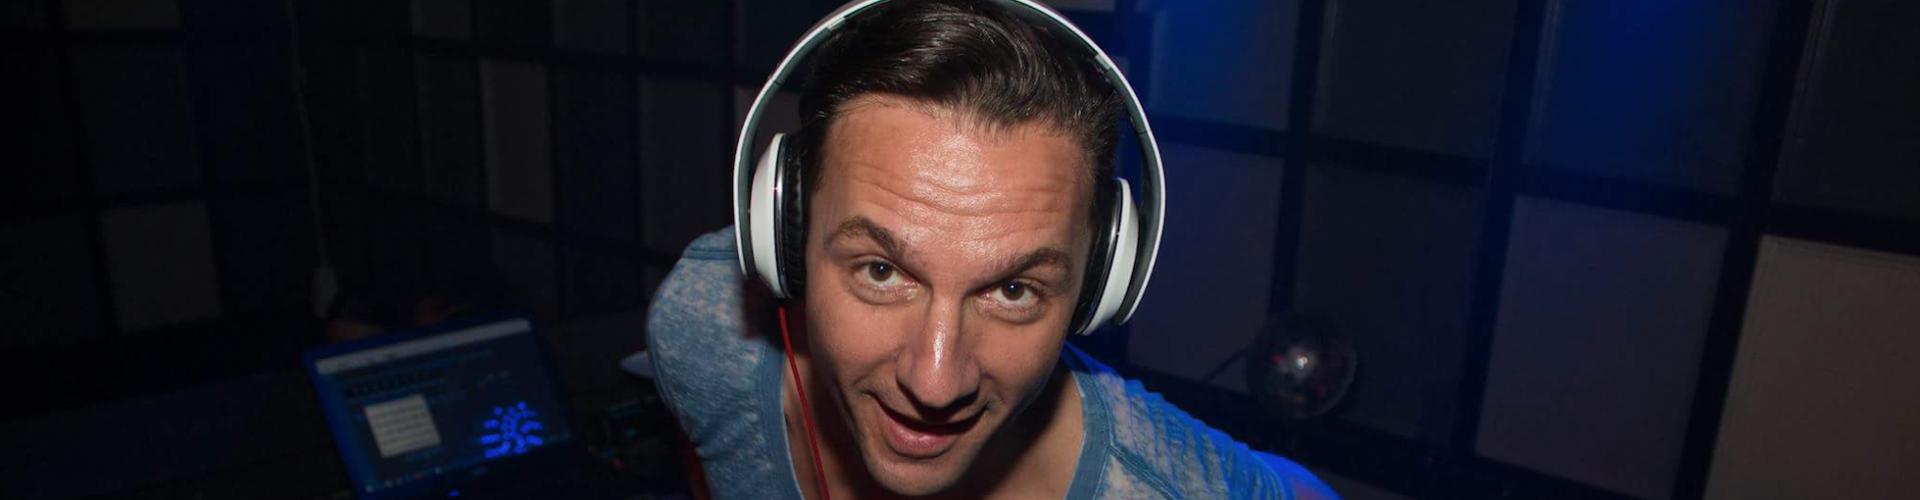 DJ huren voor feest Ambitious DJ Fred hier in actie tijdens club avond in Dordrecht